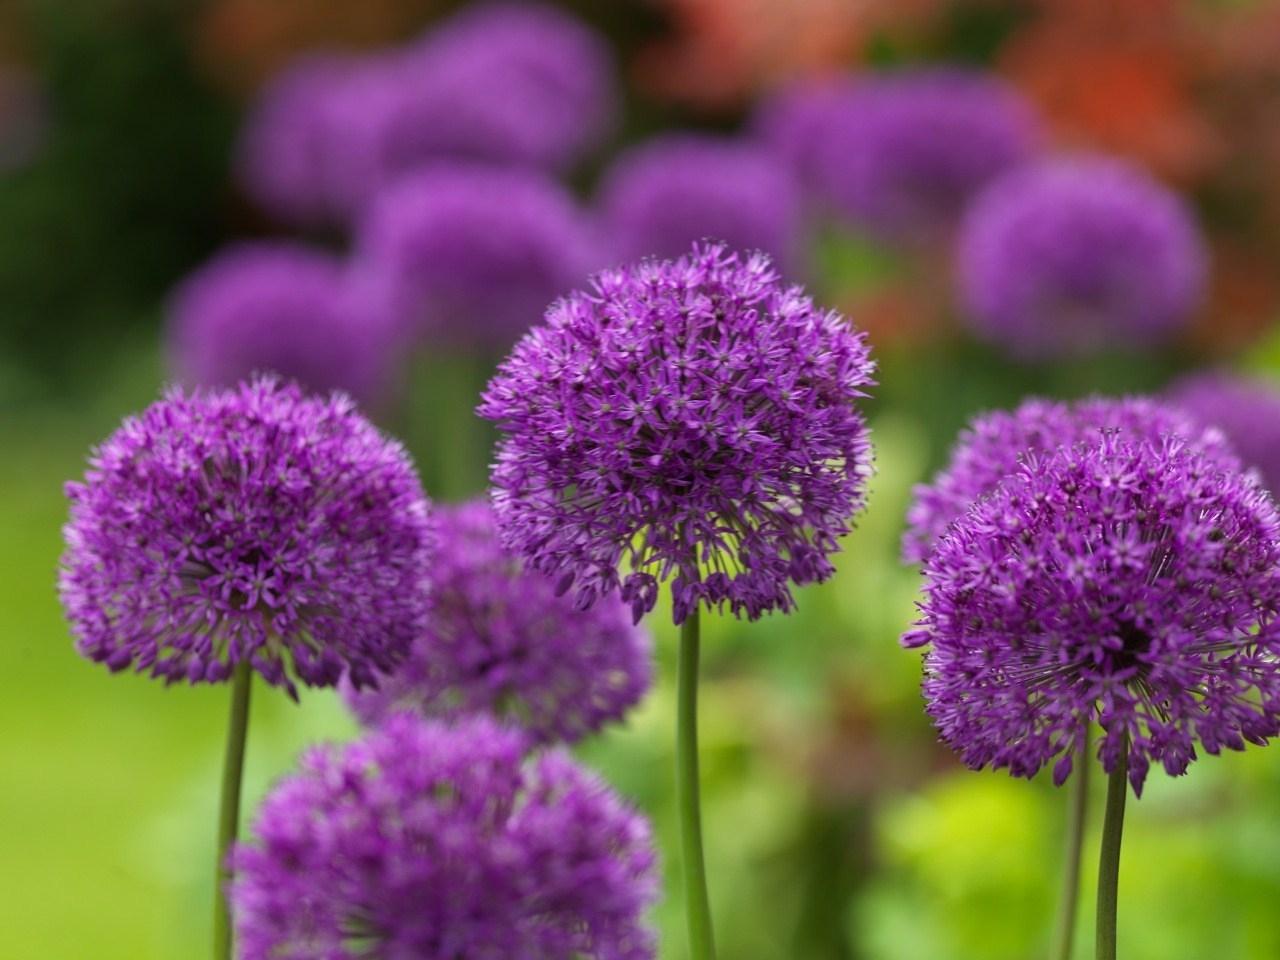 Fiori viola nomi - Significato fiori - Nomi dei fiori viola